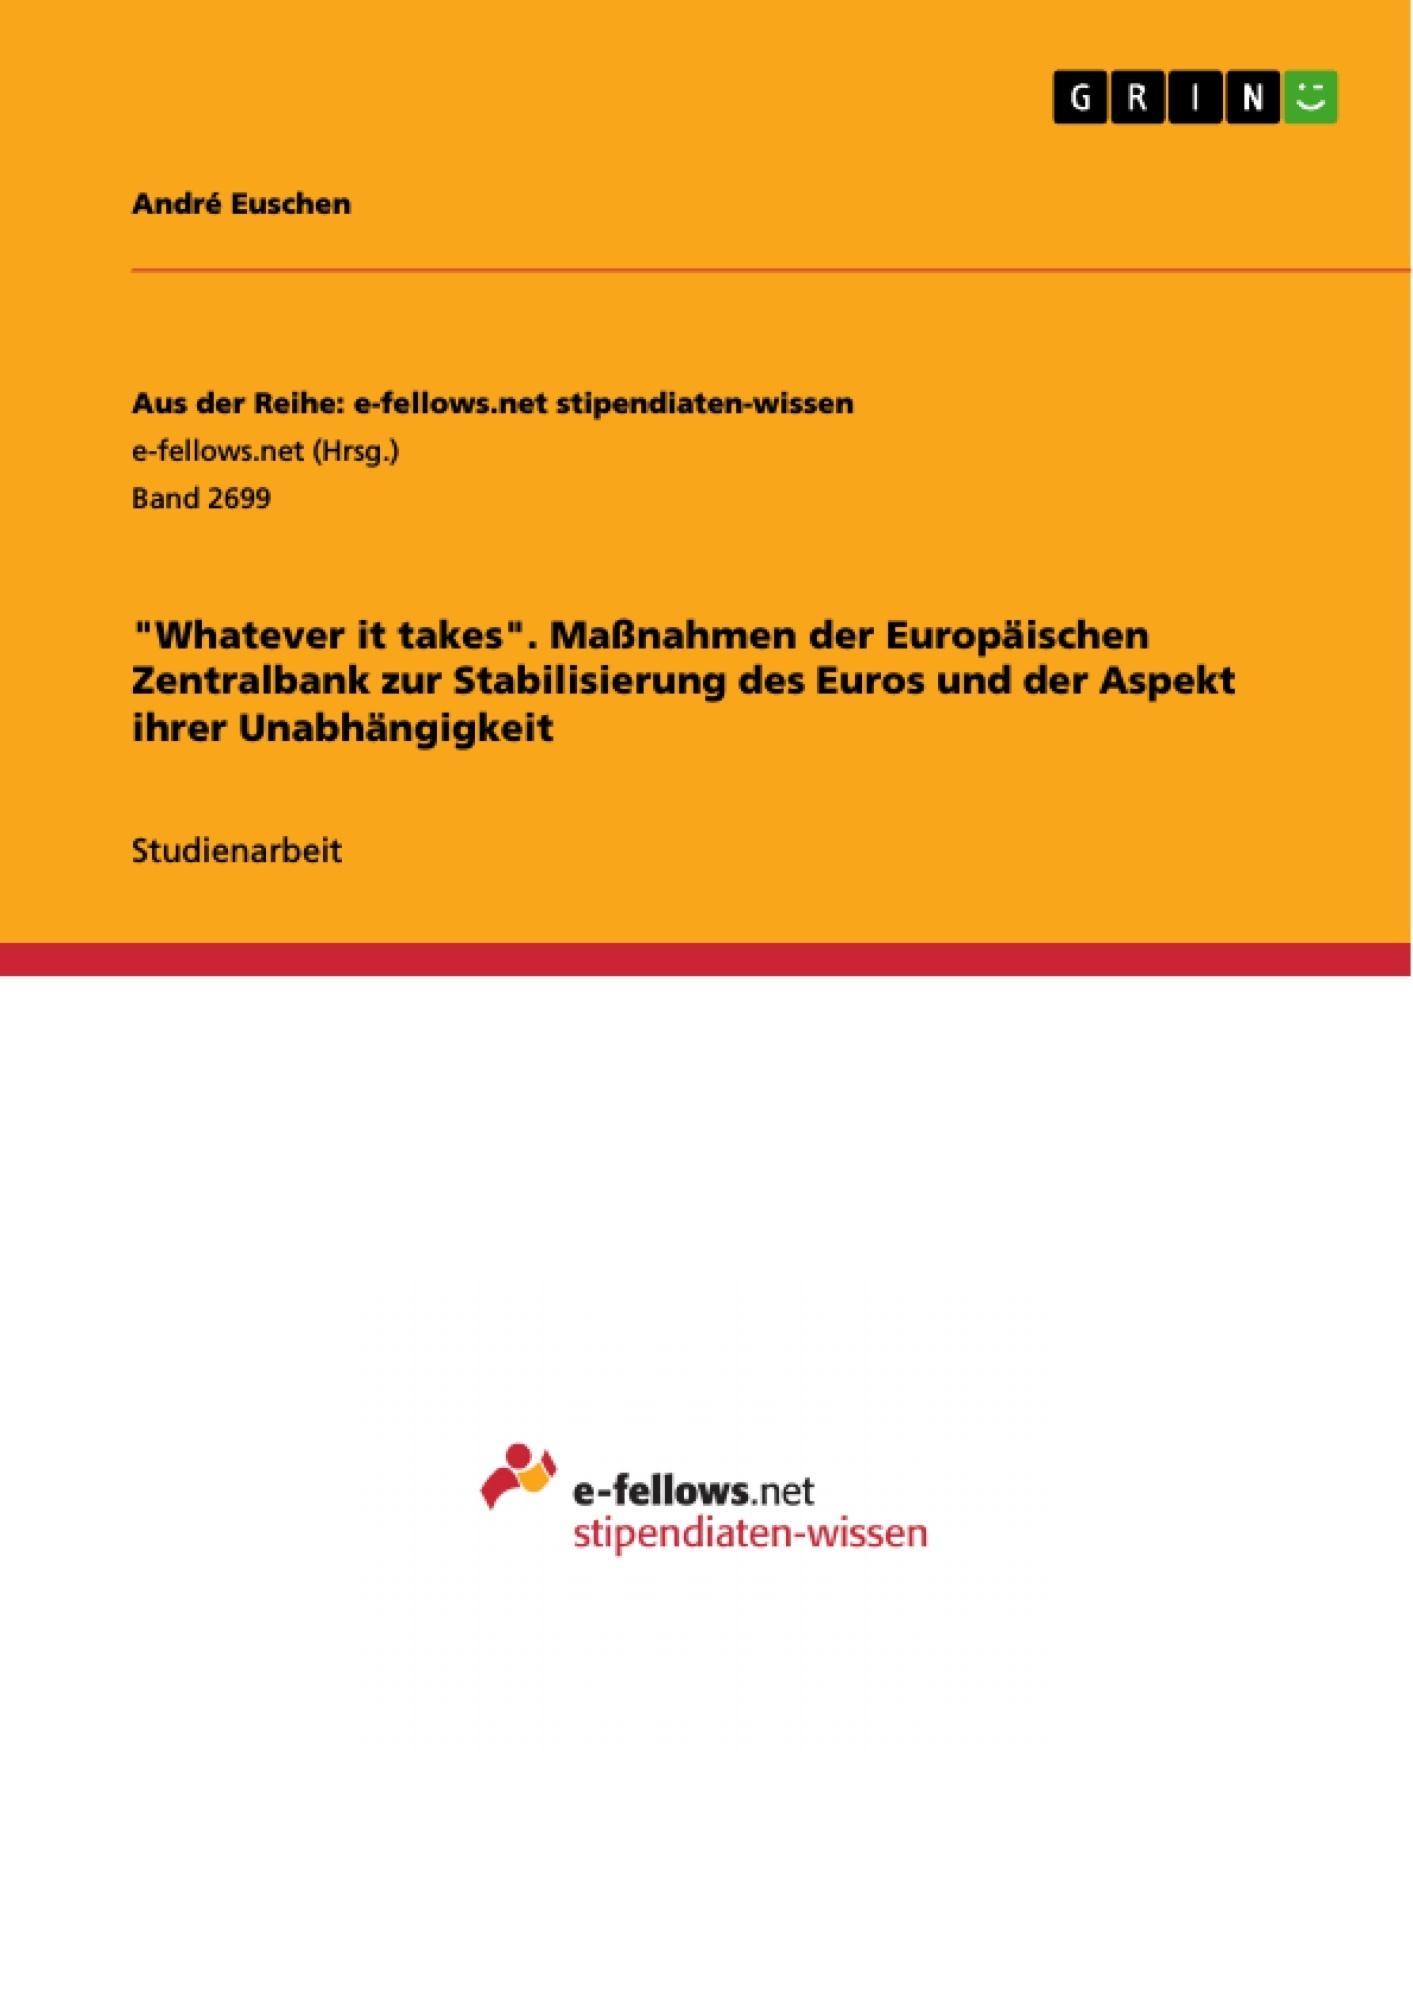 """Titel: """"Whatever it takes"""". Maßnahmen der Europäischen Zentralbank zur Stabilisierung des Euros und der Aspekt ihrer Unabhängigkeit"""